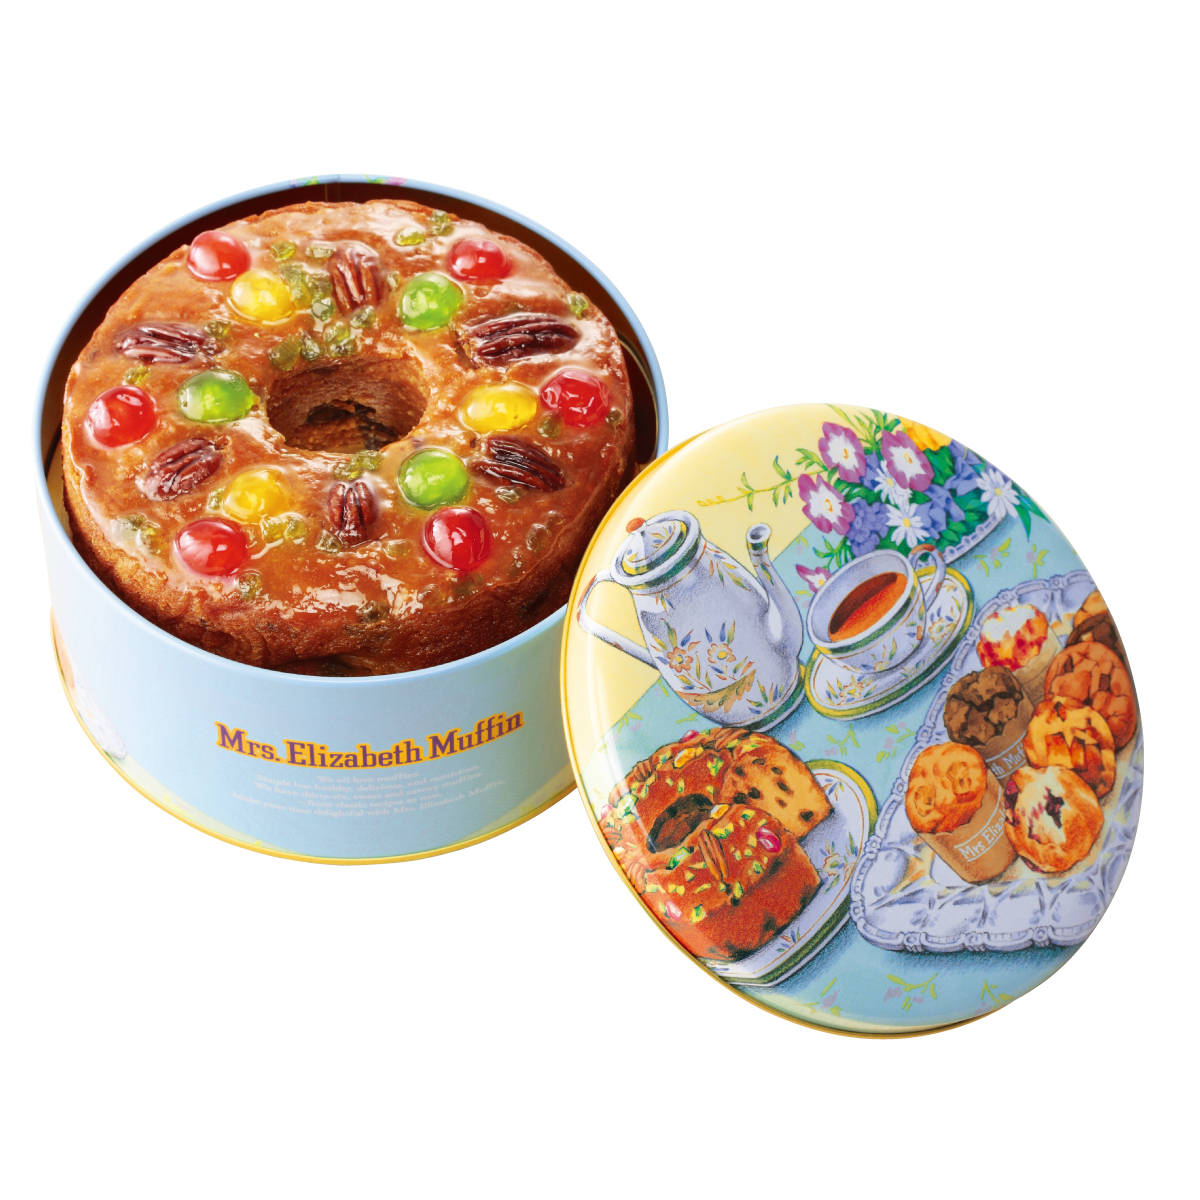 洋酒に漬けた4種類のフルーツを使用した伝統の味 送料込 一部予約 ミセスエリザベスマフィン缶入りフルーツケーキ 通常缶 購入